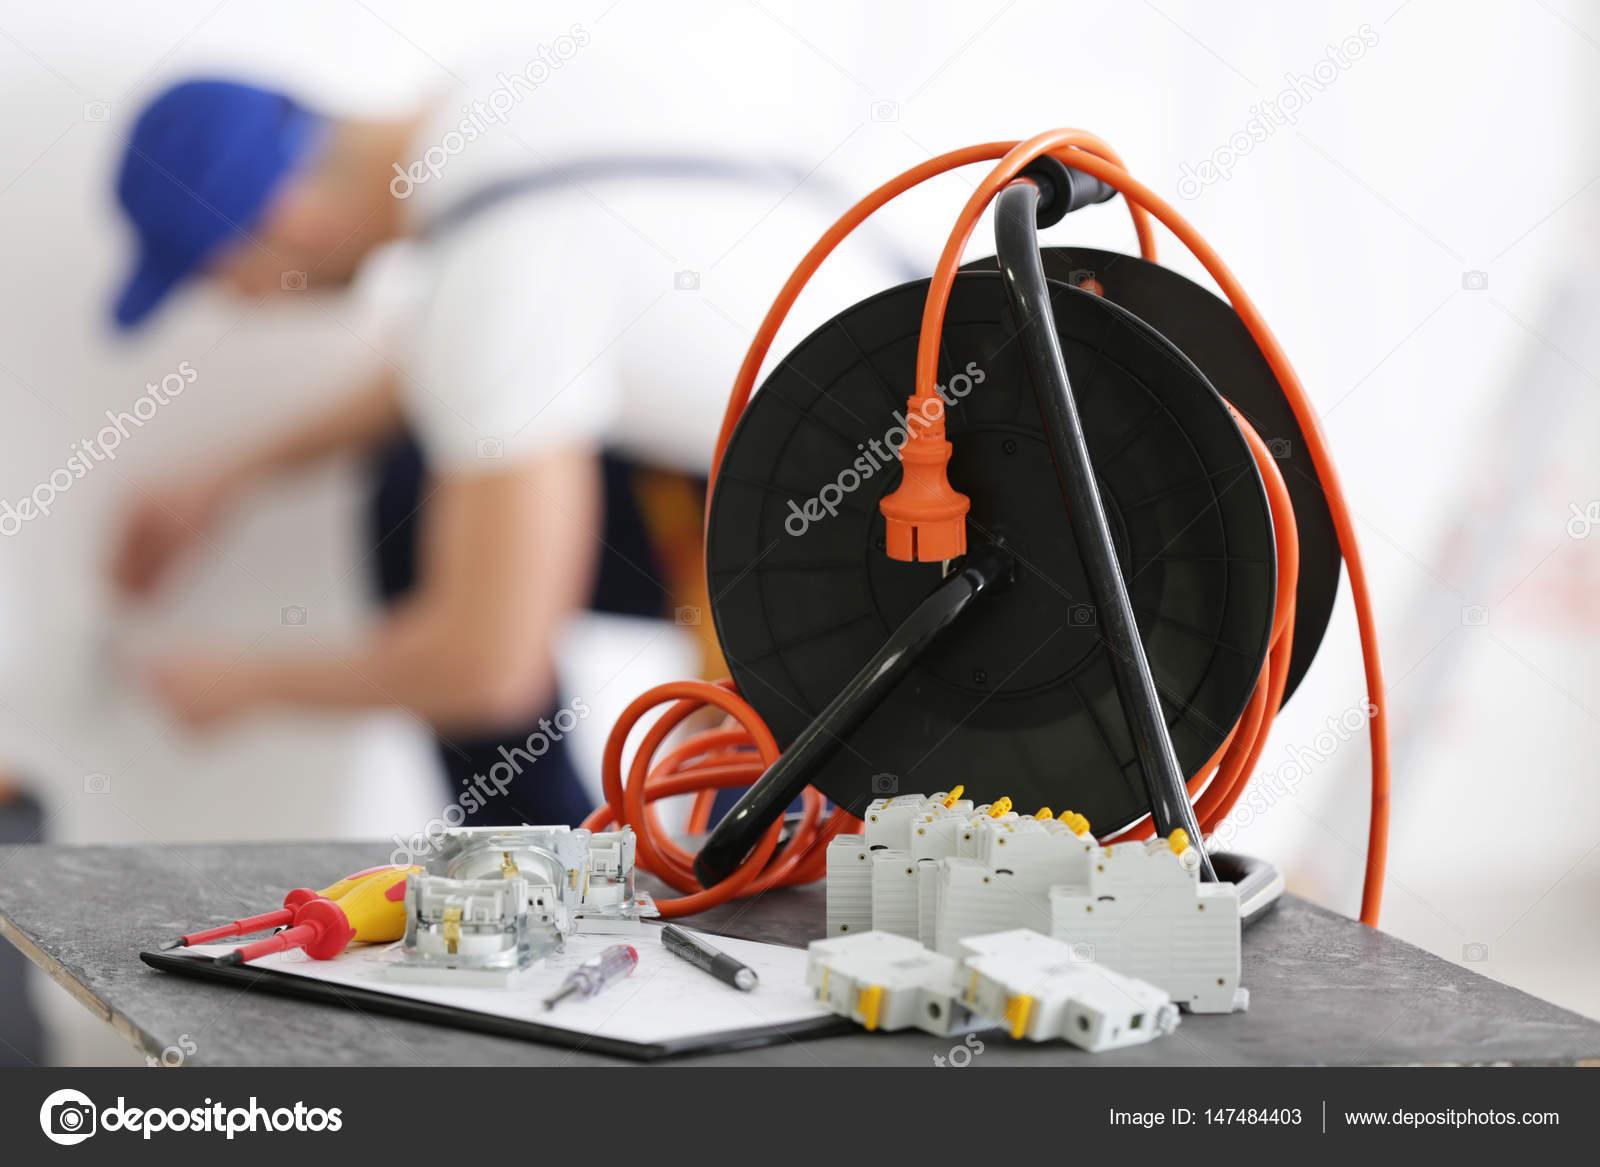 Utensili per elettricisti e offuscata uomo u2014 foto stock © belchonock